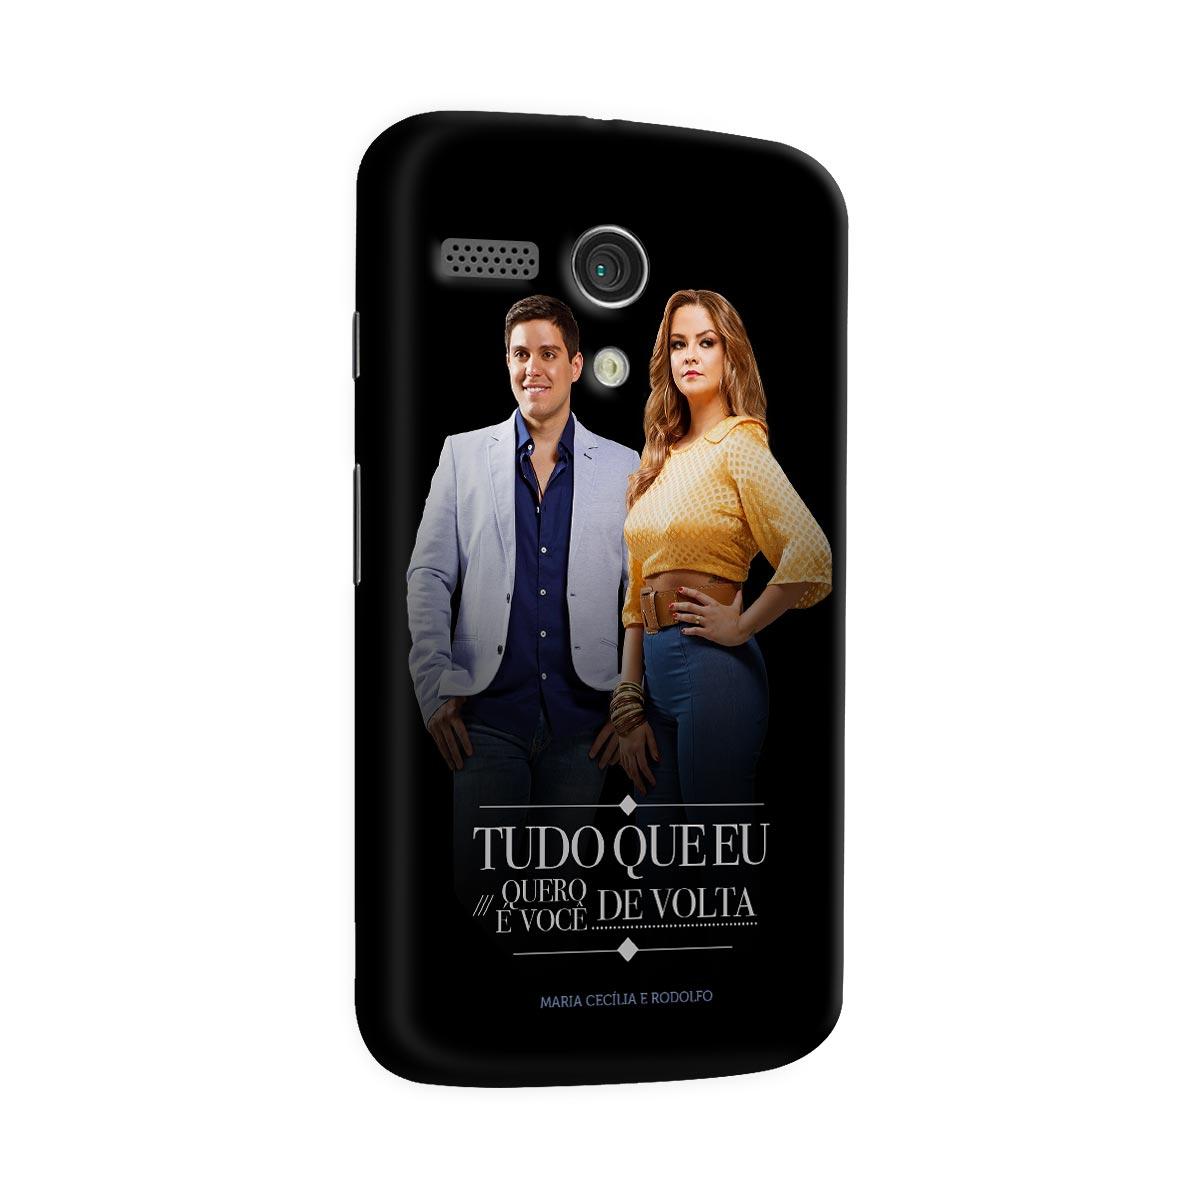 Capa para Motorola Moto G 1 Maria Cecília & Rodolfo Tudo Que Eu Quero